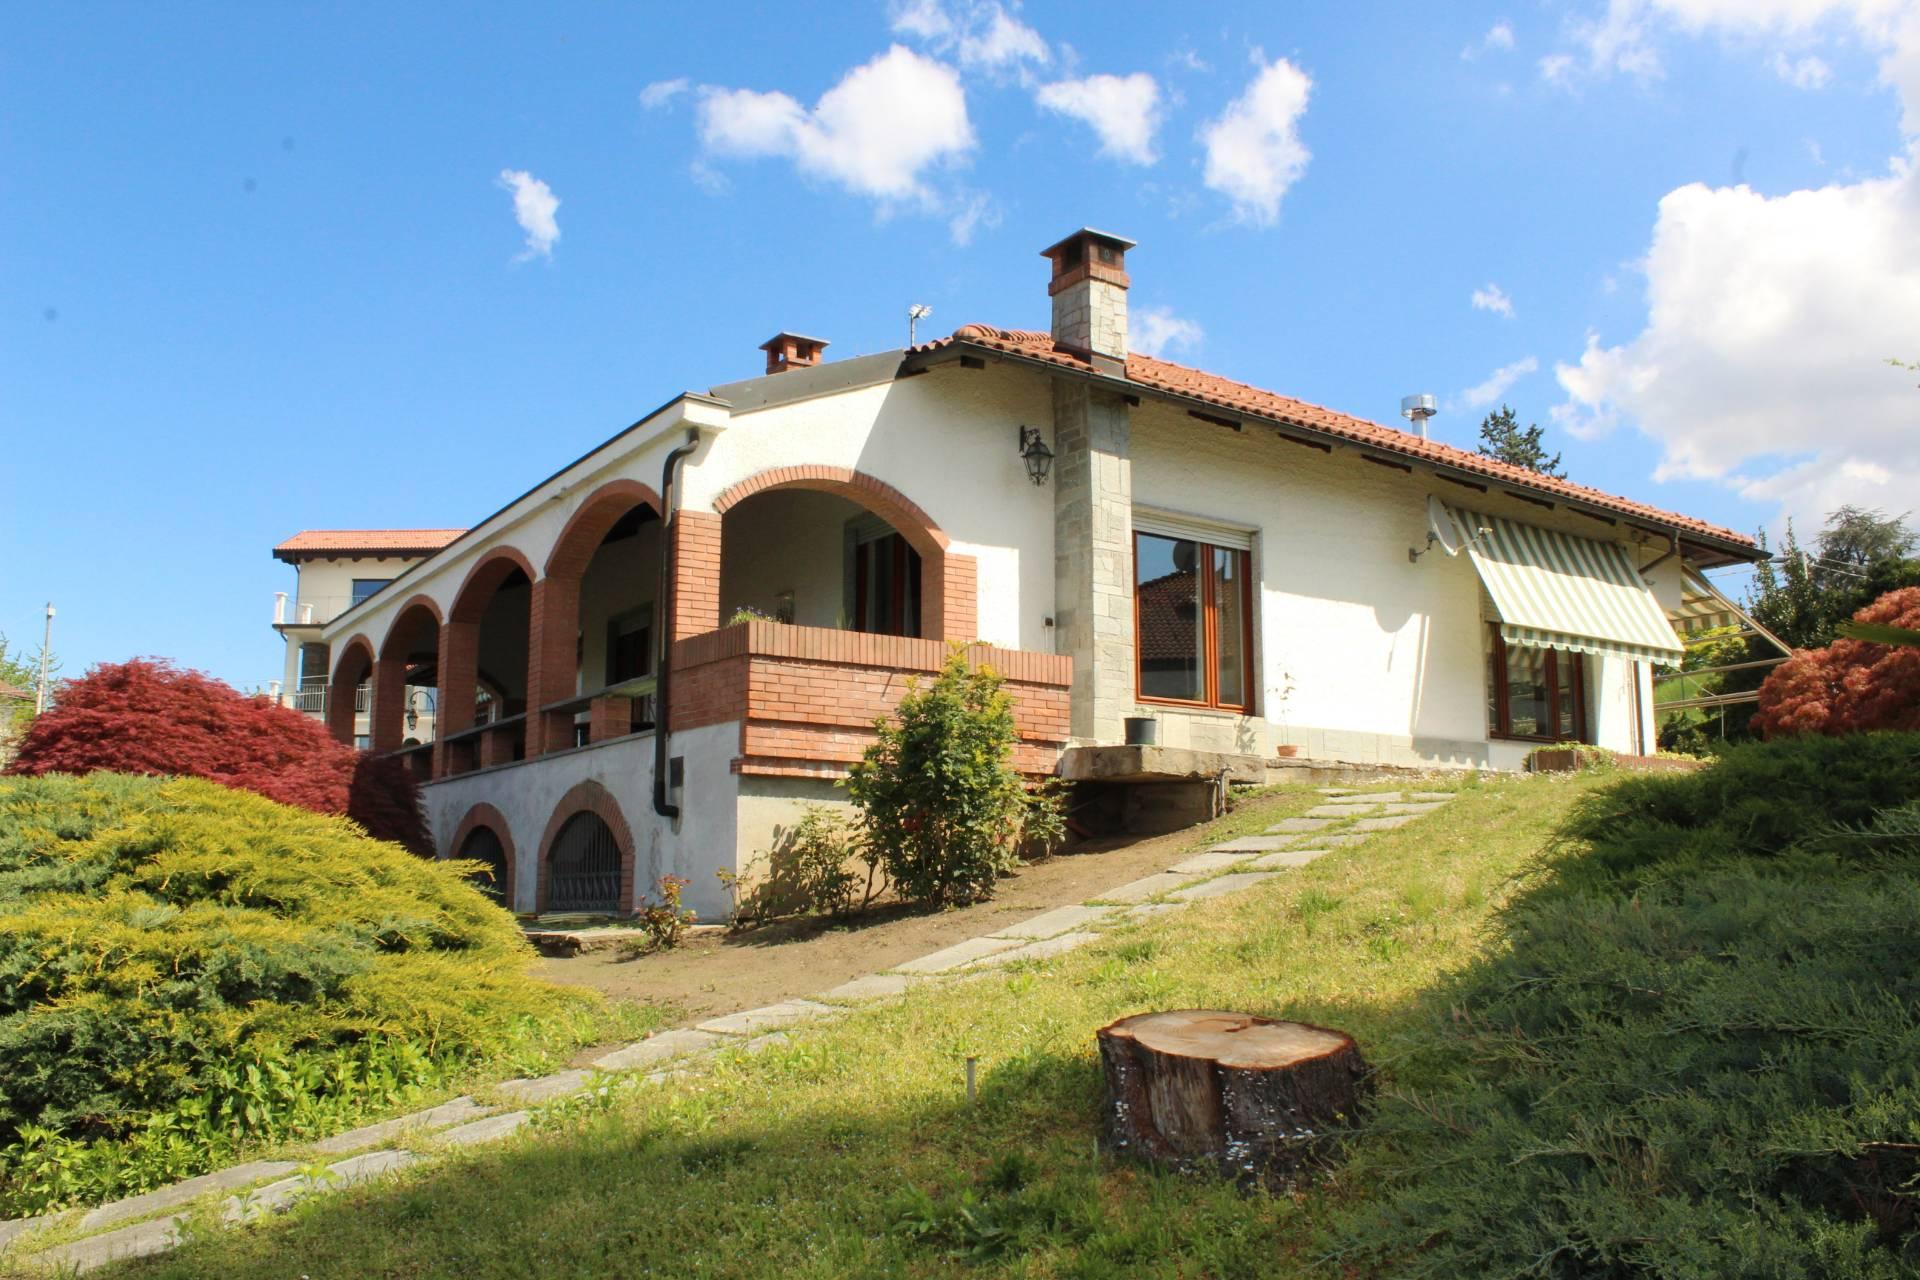 Villa in vendita a San Mauro Torinese, 9 locali, zona Località: SanMauroCentro, prezzo € 690.000 | PortaleAgenzieImmobiliari.it